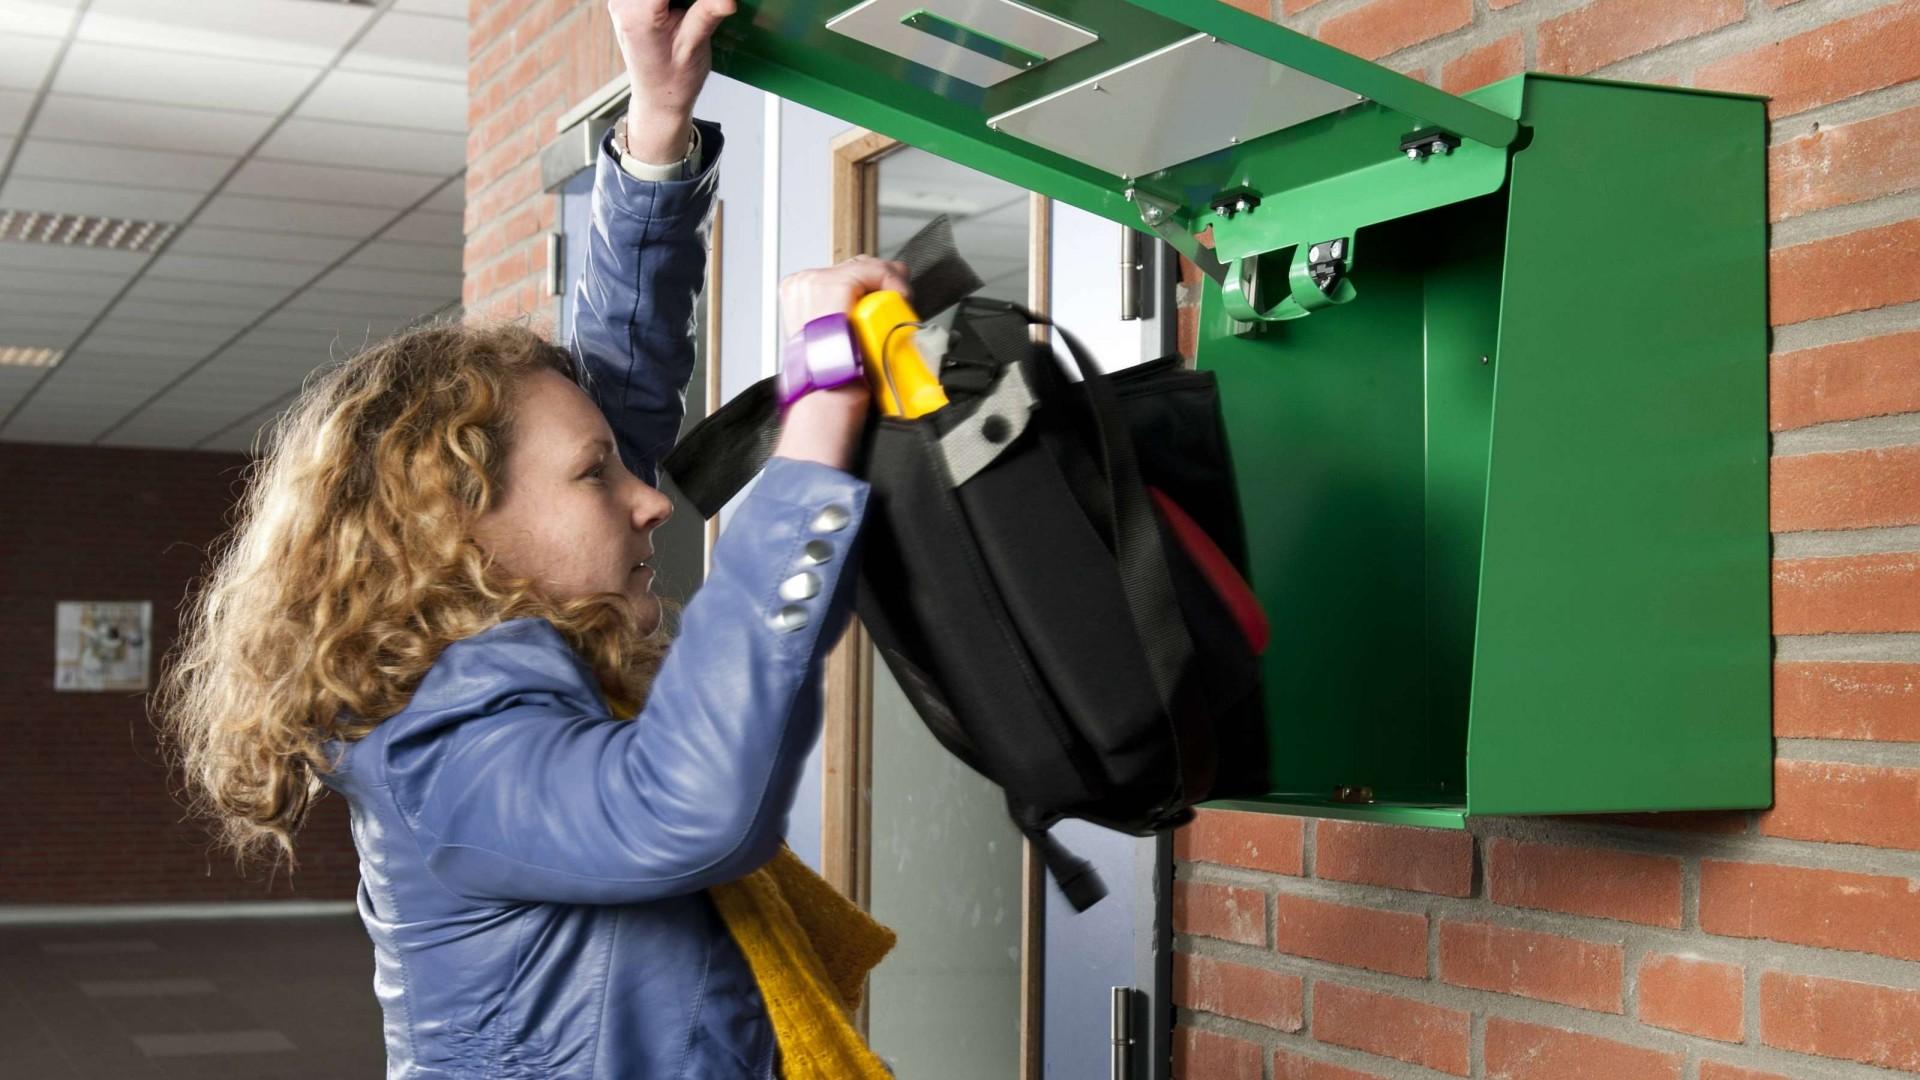 Vergoeding voor gebruiksklaar maken AED na inzet